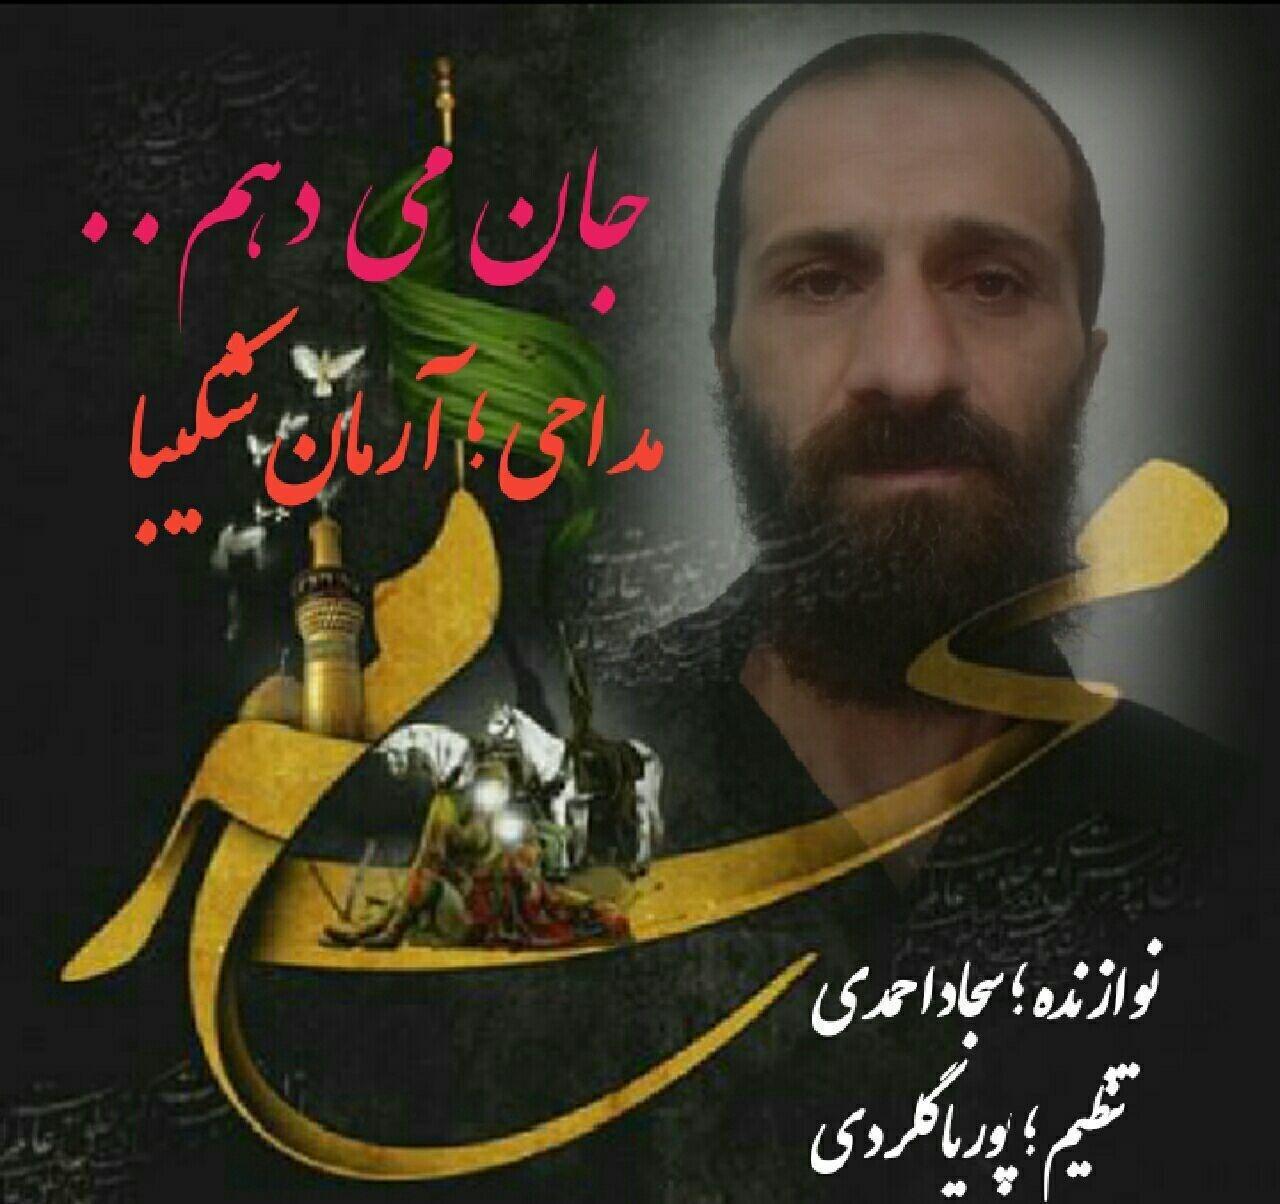 محمد کاظمی جان میدهم